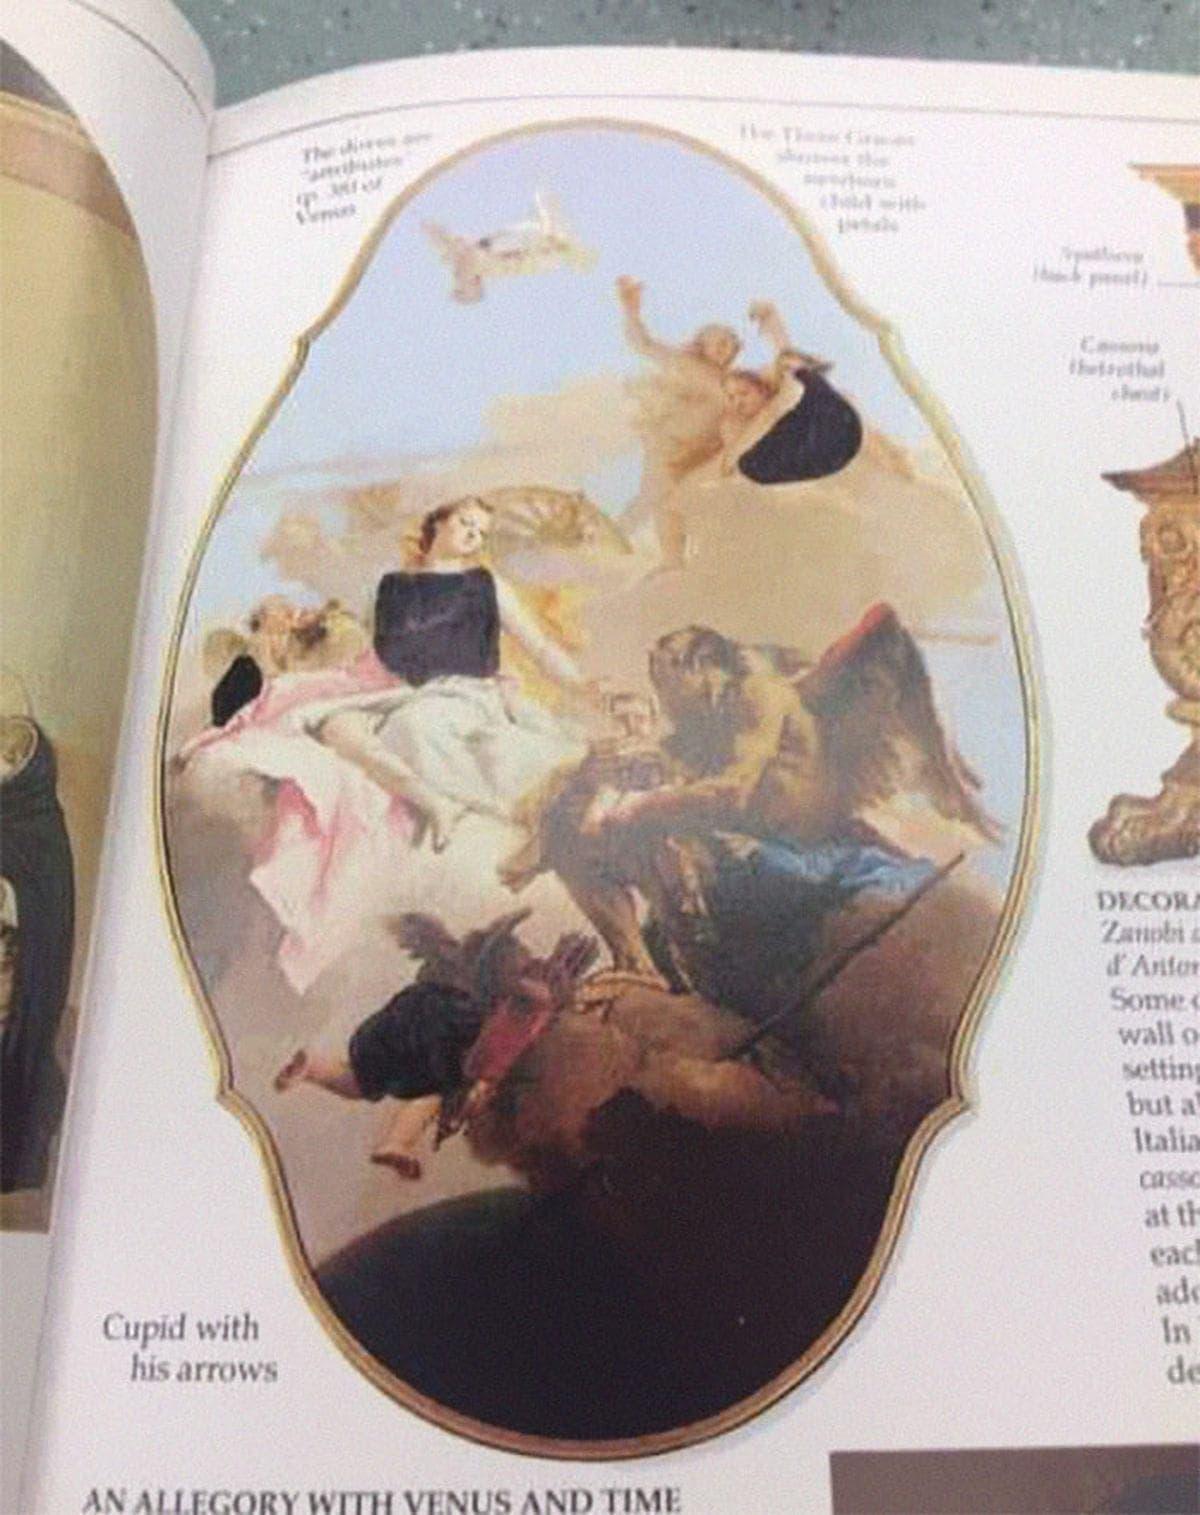 Absurd christliche Zensur von Kunstbüchern | WTF | Was is hier eigentlich los?